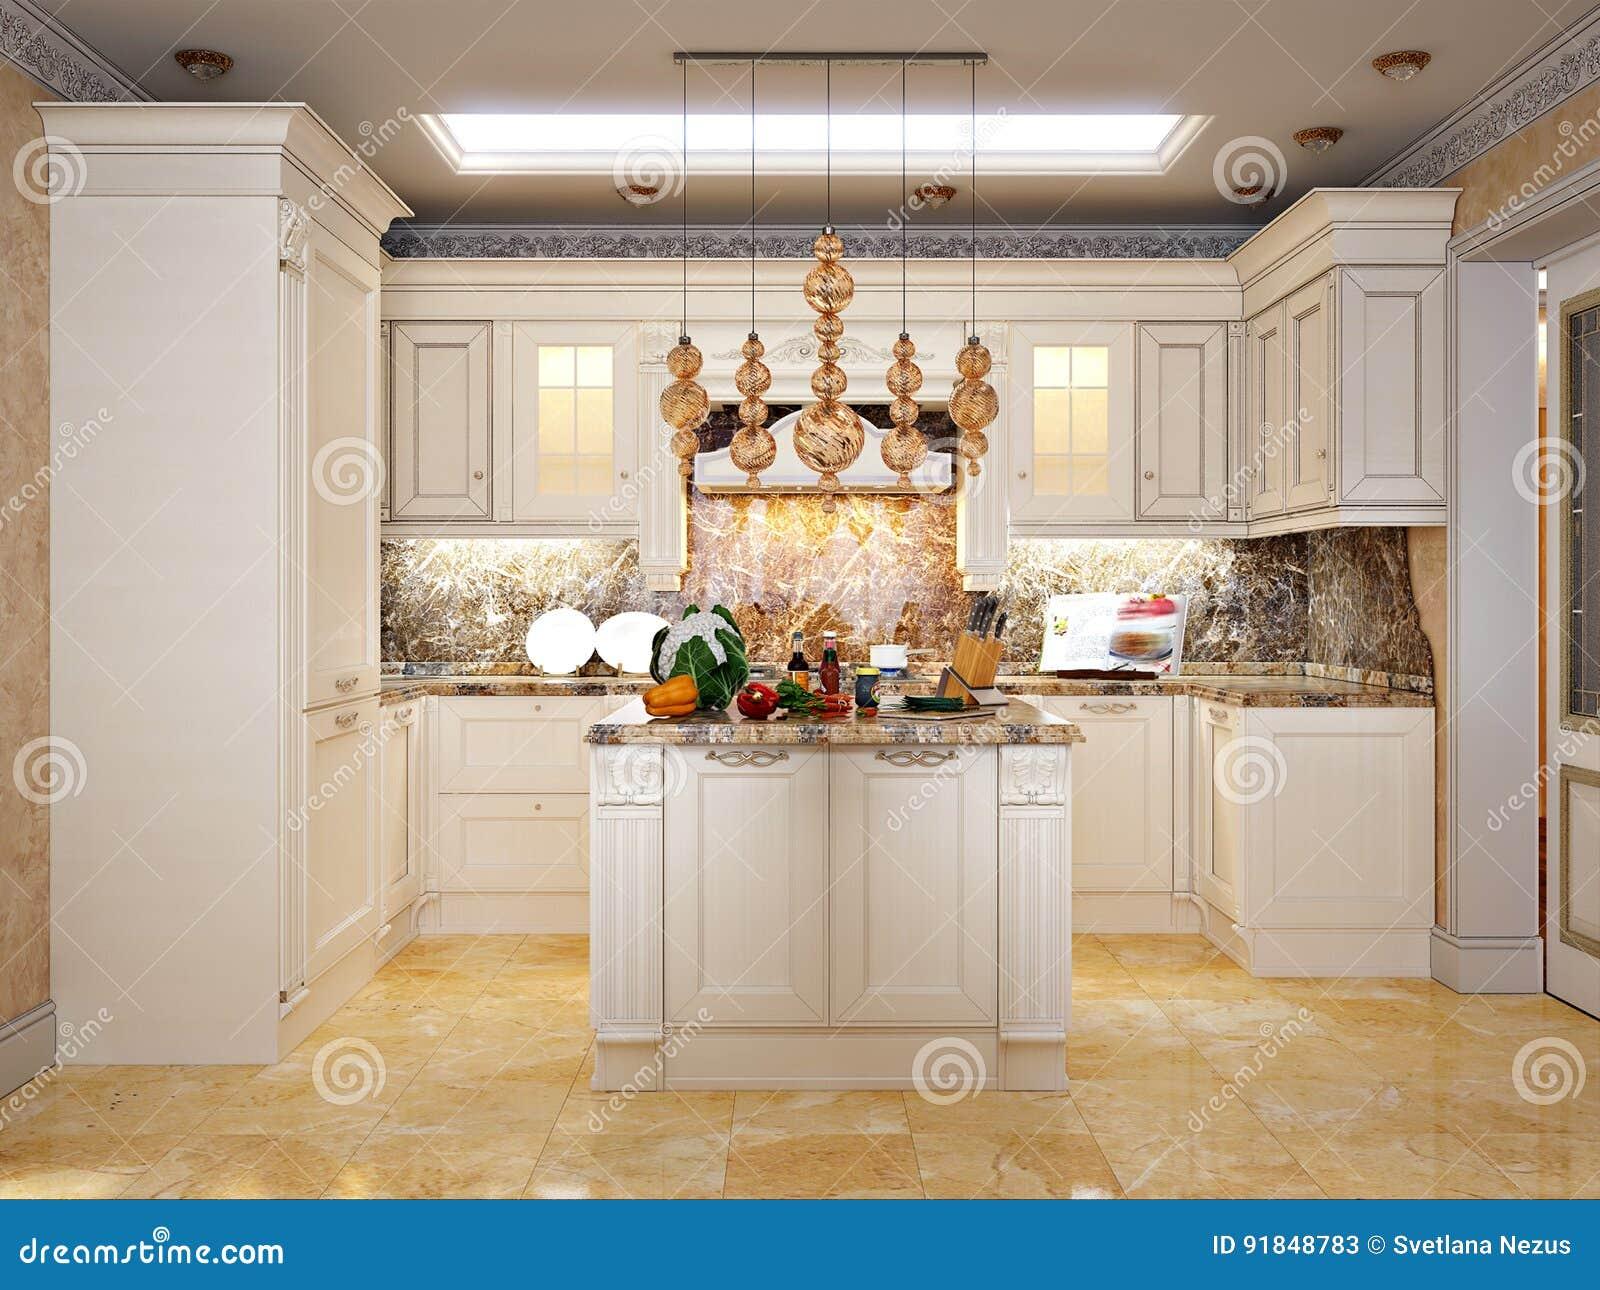 Luxuriose Klassische Barocke Kuche Und Esszimmer Stock Abbildung